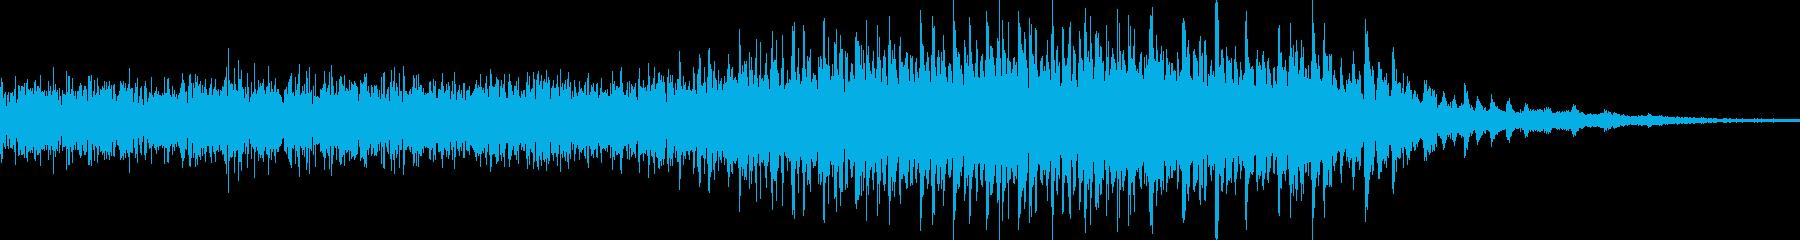 ディーゼルトラック:停止中、シャッ...の再生済みの波形